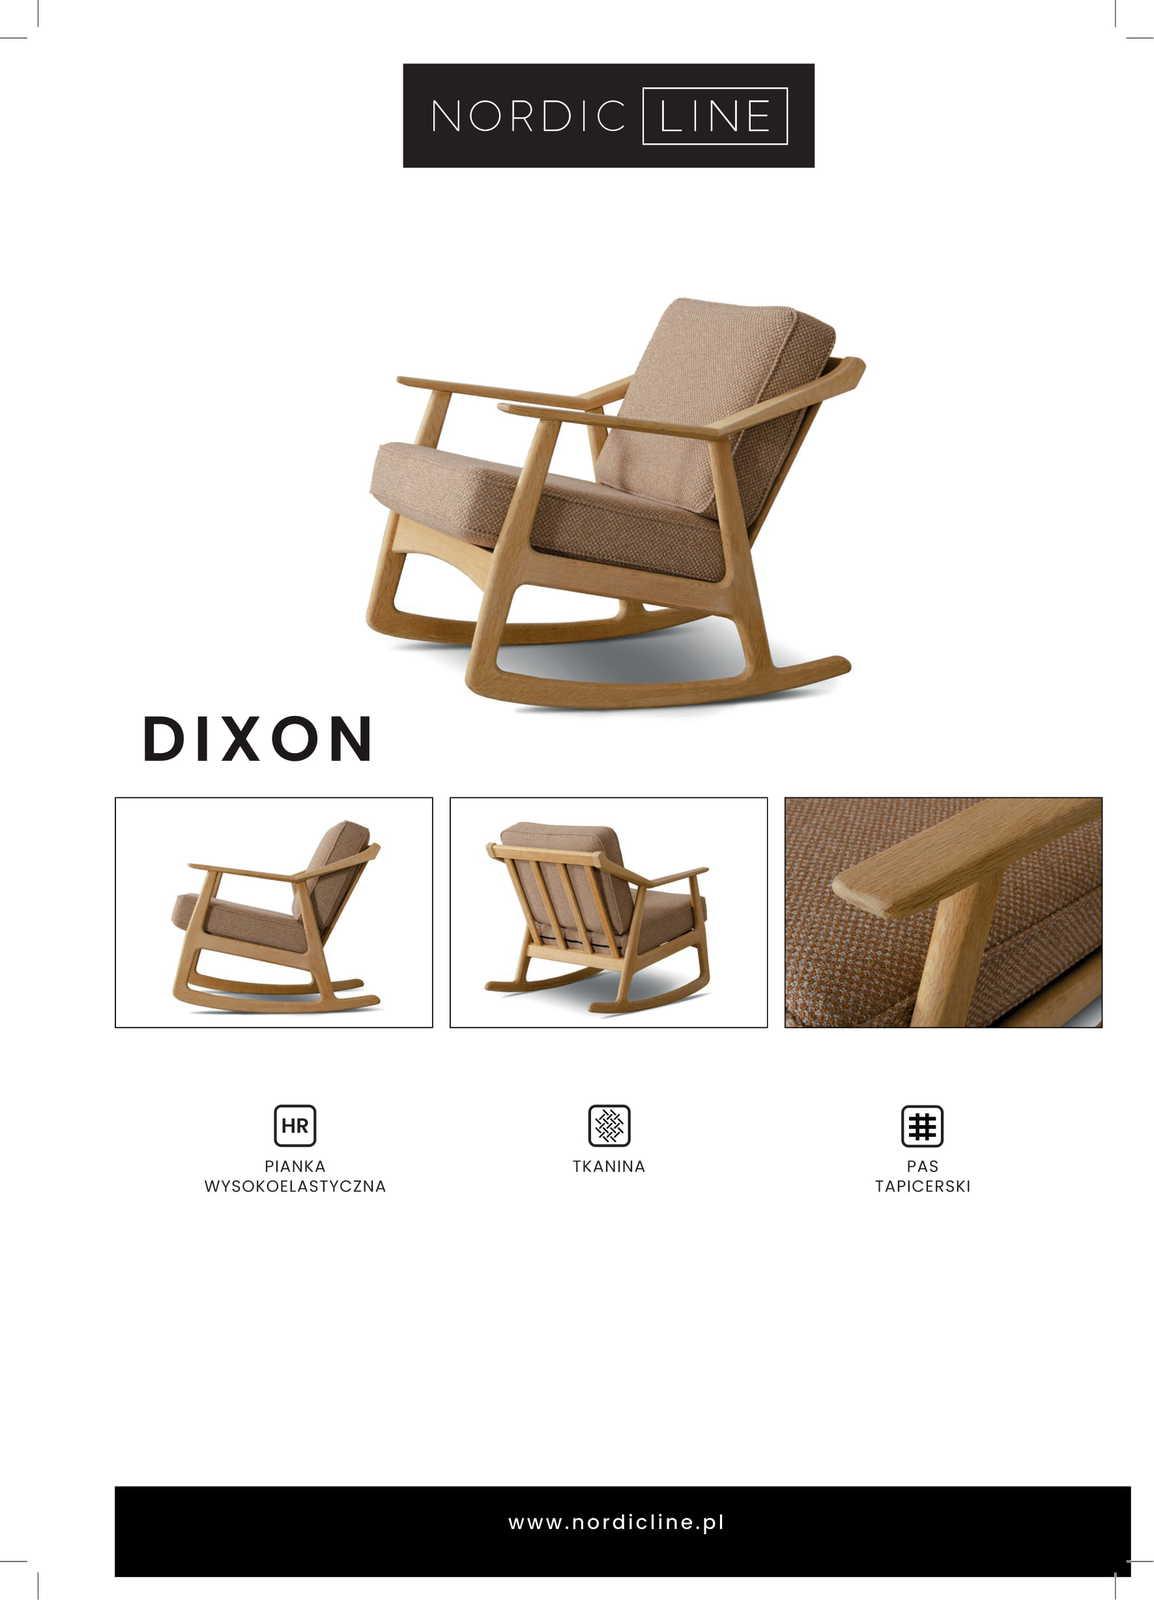 Dixon 1